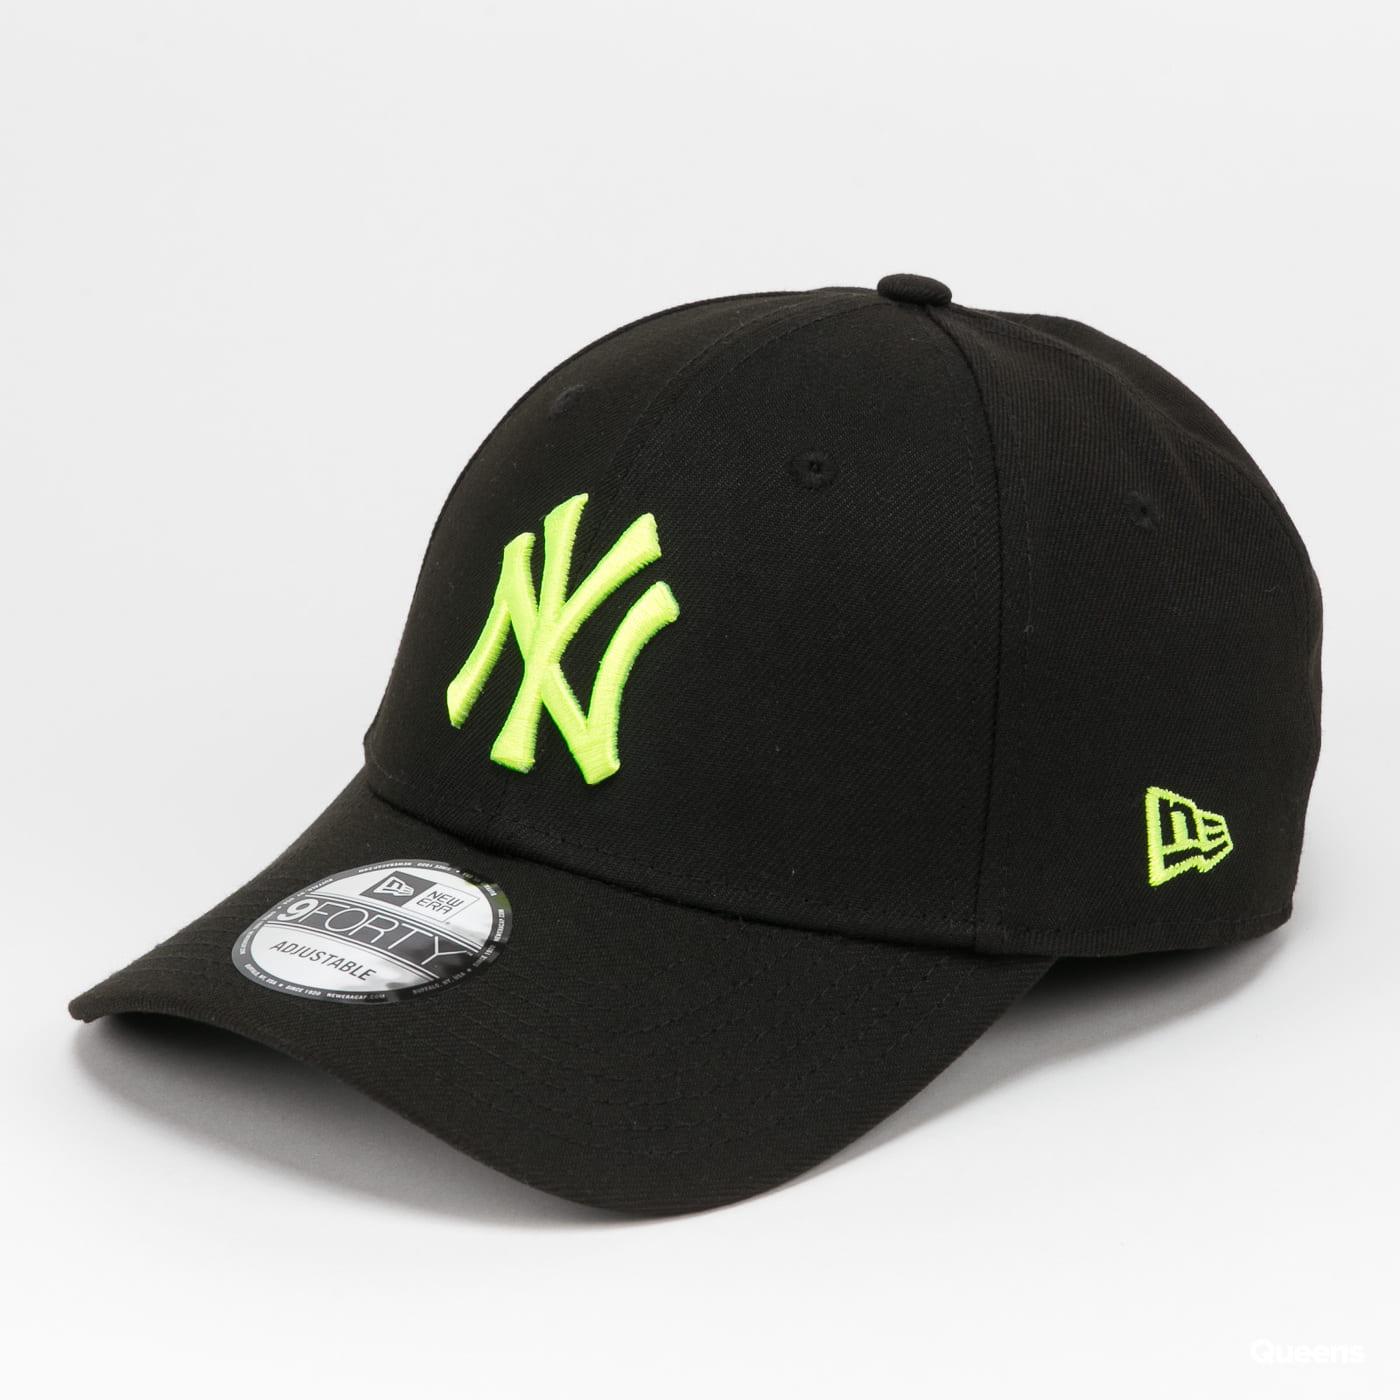 New Era 940 MLB Pop Logo NY gray / beige / pink / black